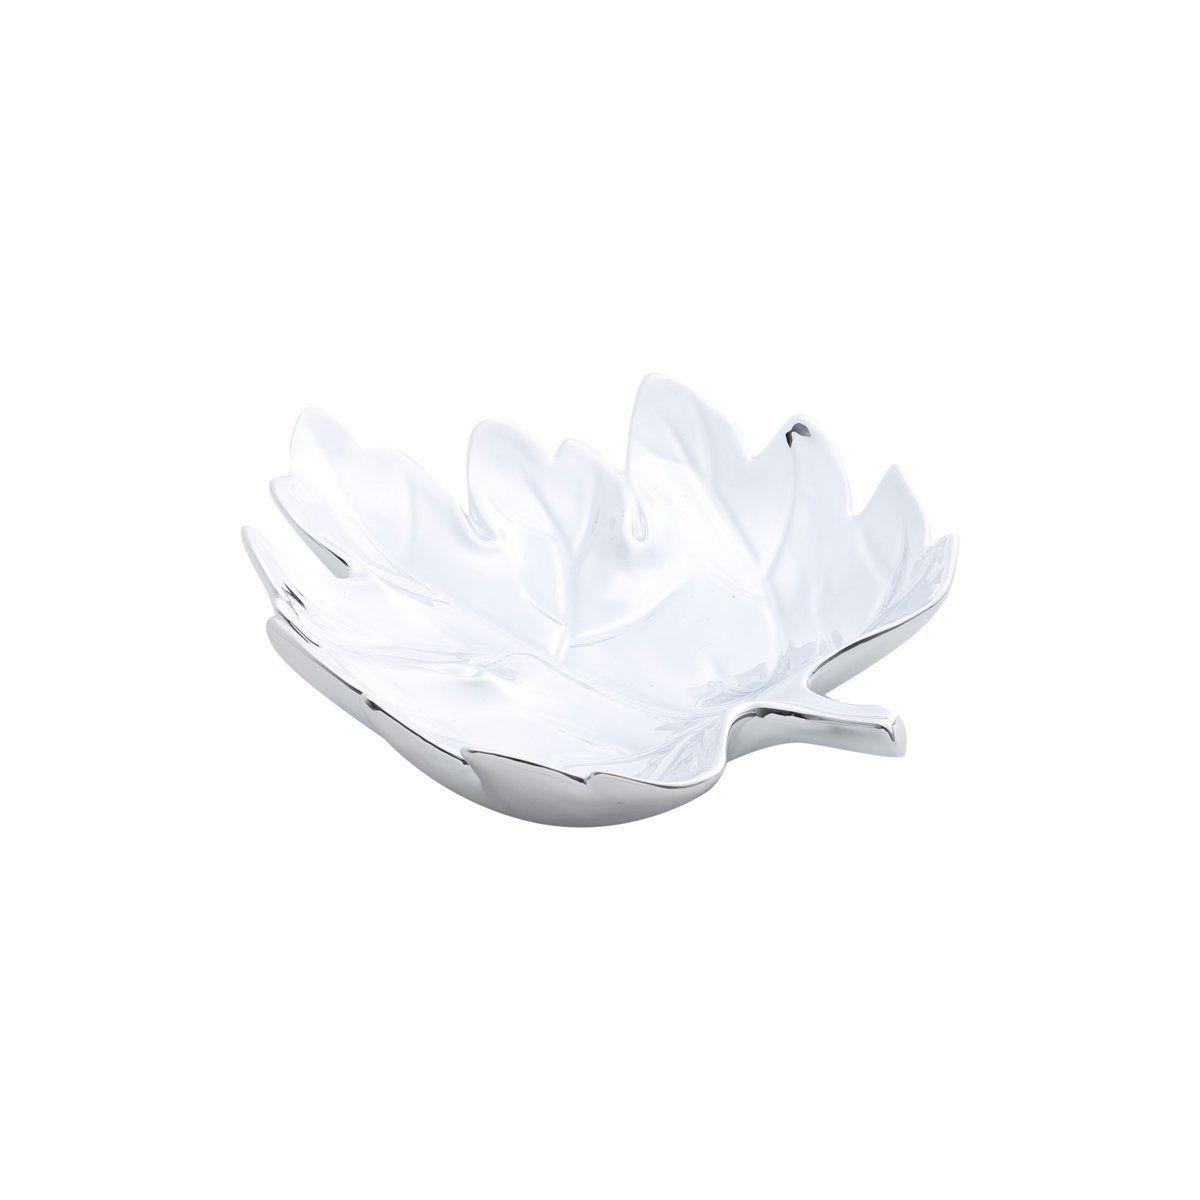 Prato decorativo 28 cm de cerâmica prateado Folha Prestige - 25674